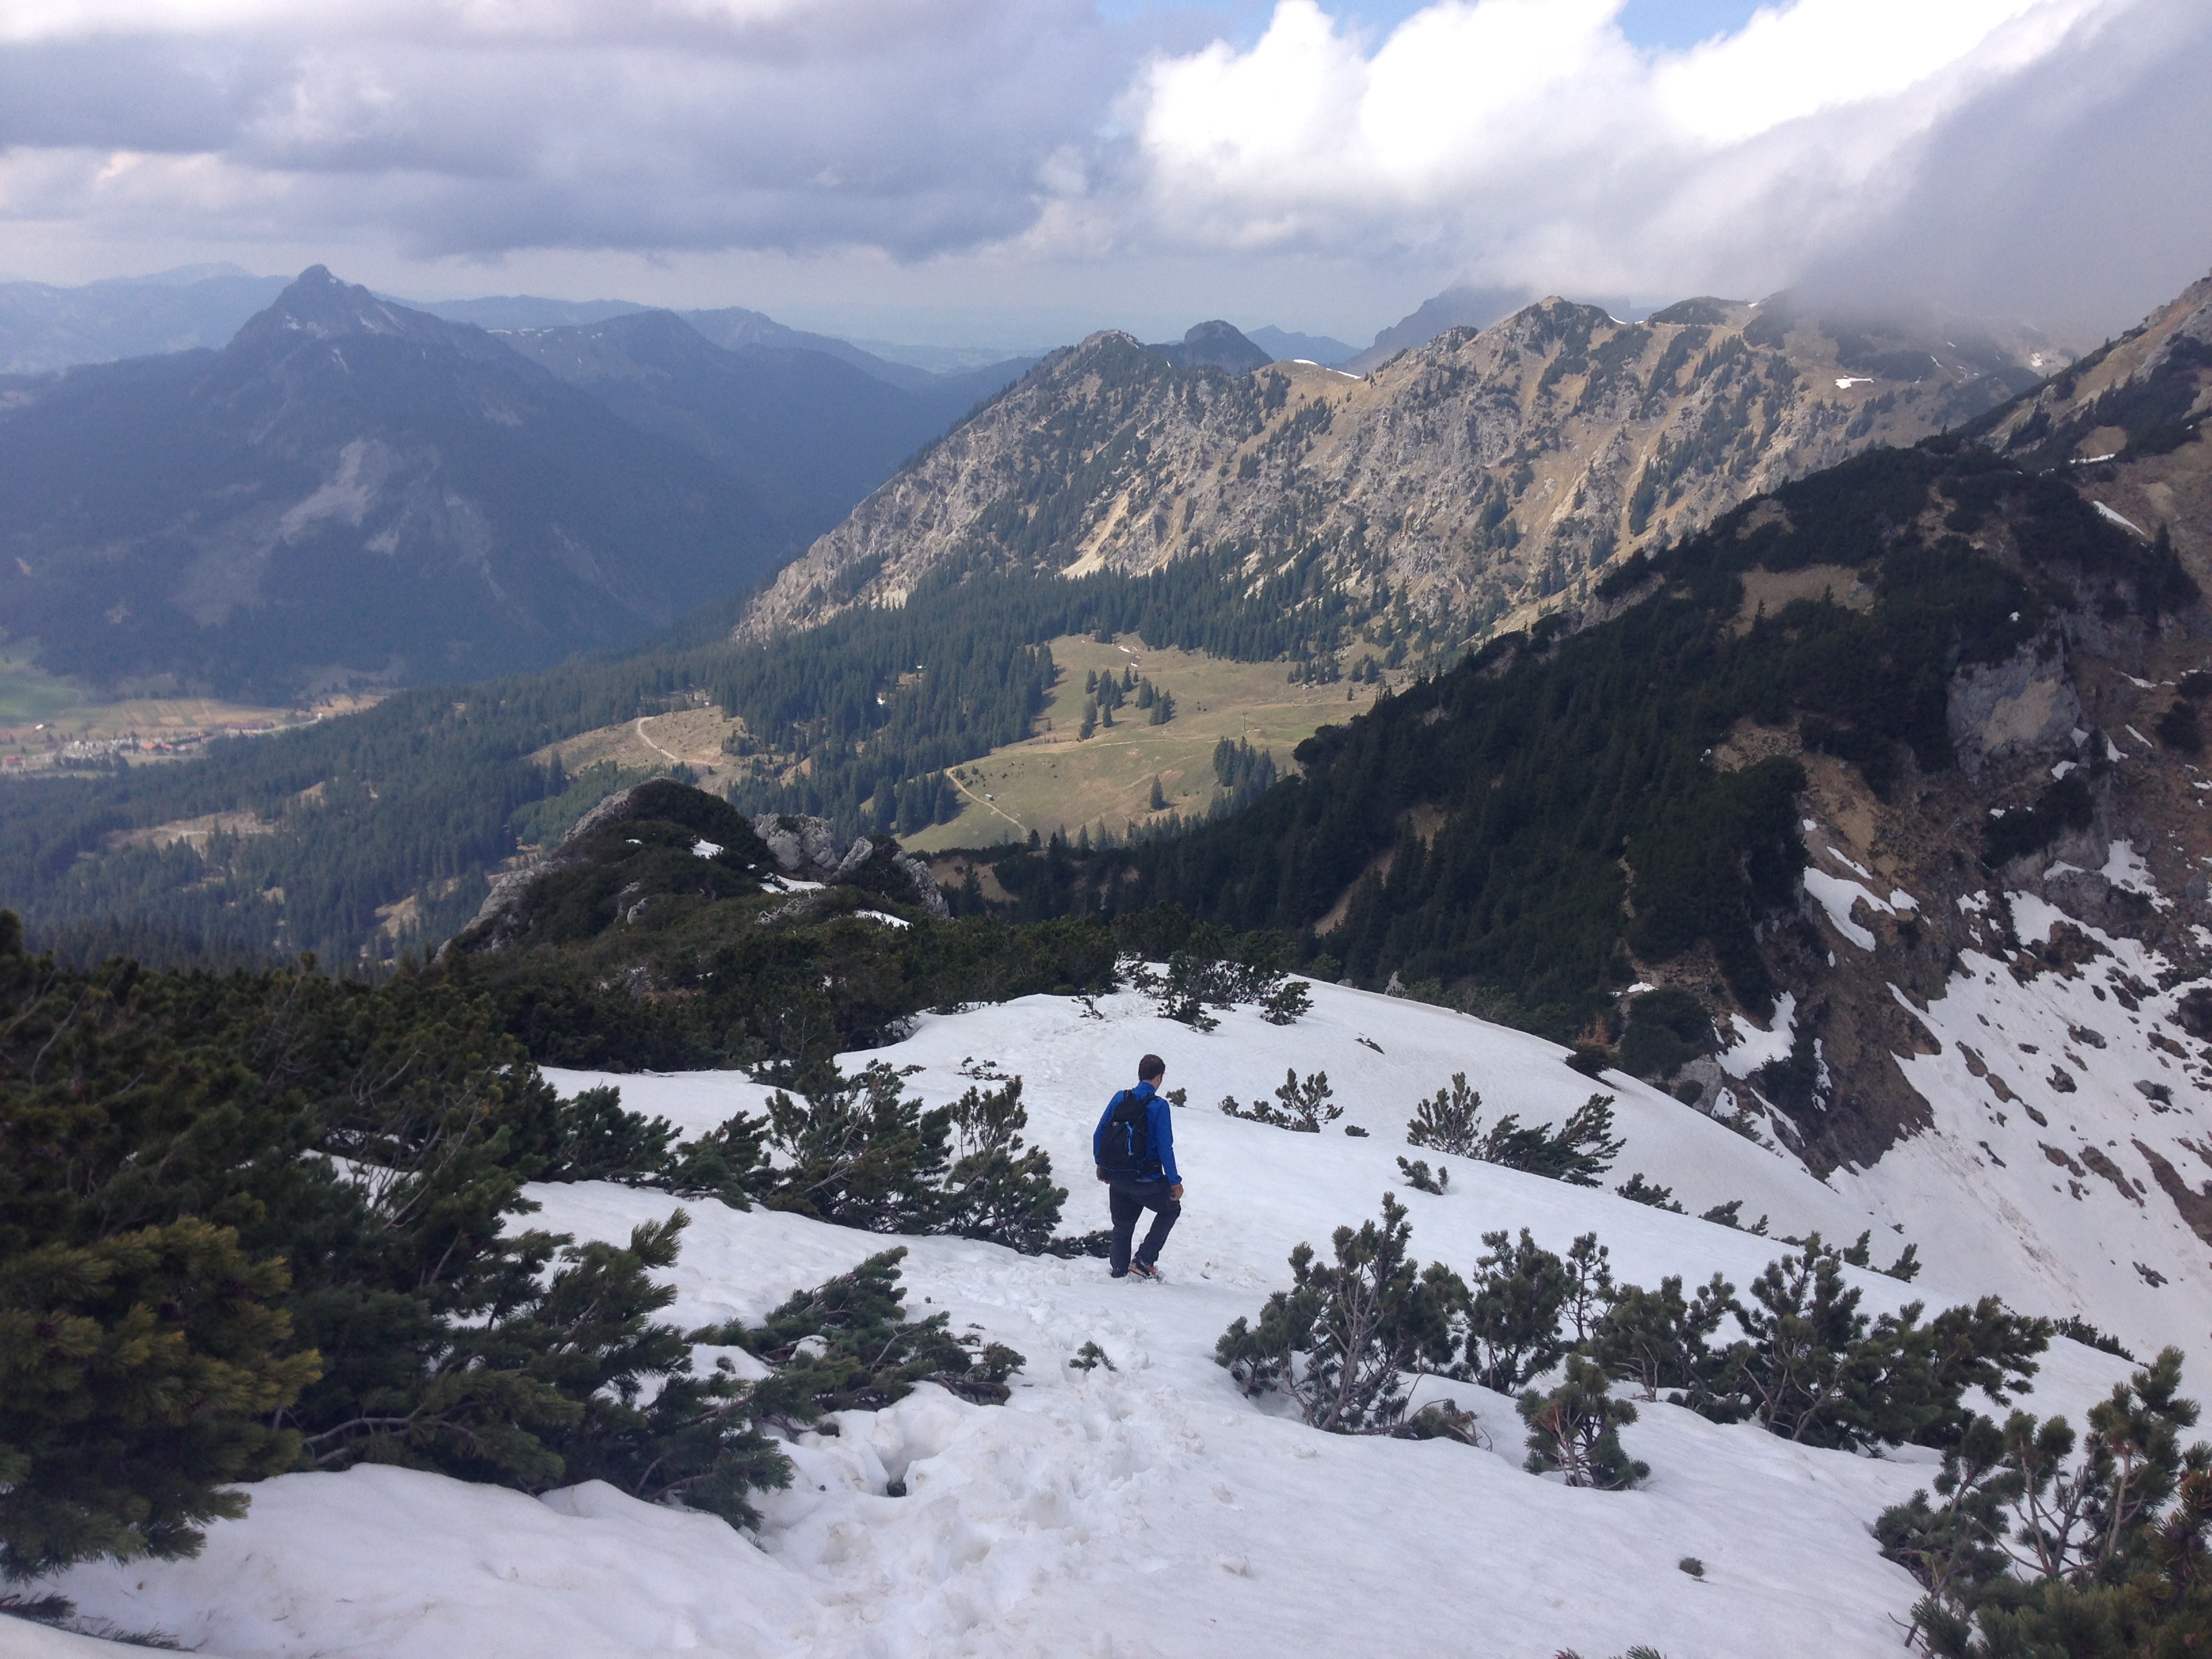 Klettersteig Tannheimer Tal : Endlich wieder am fels der friedberger klettersteig im tannheimer